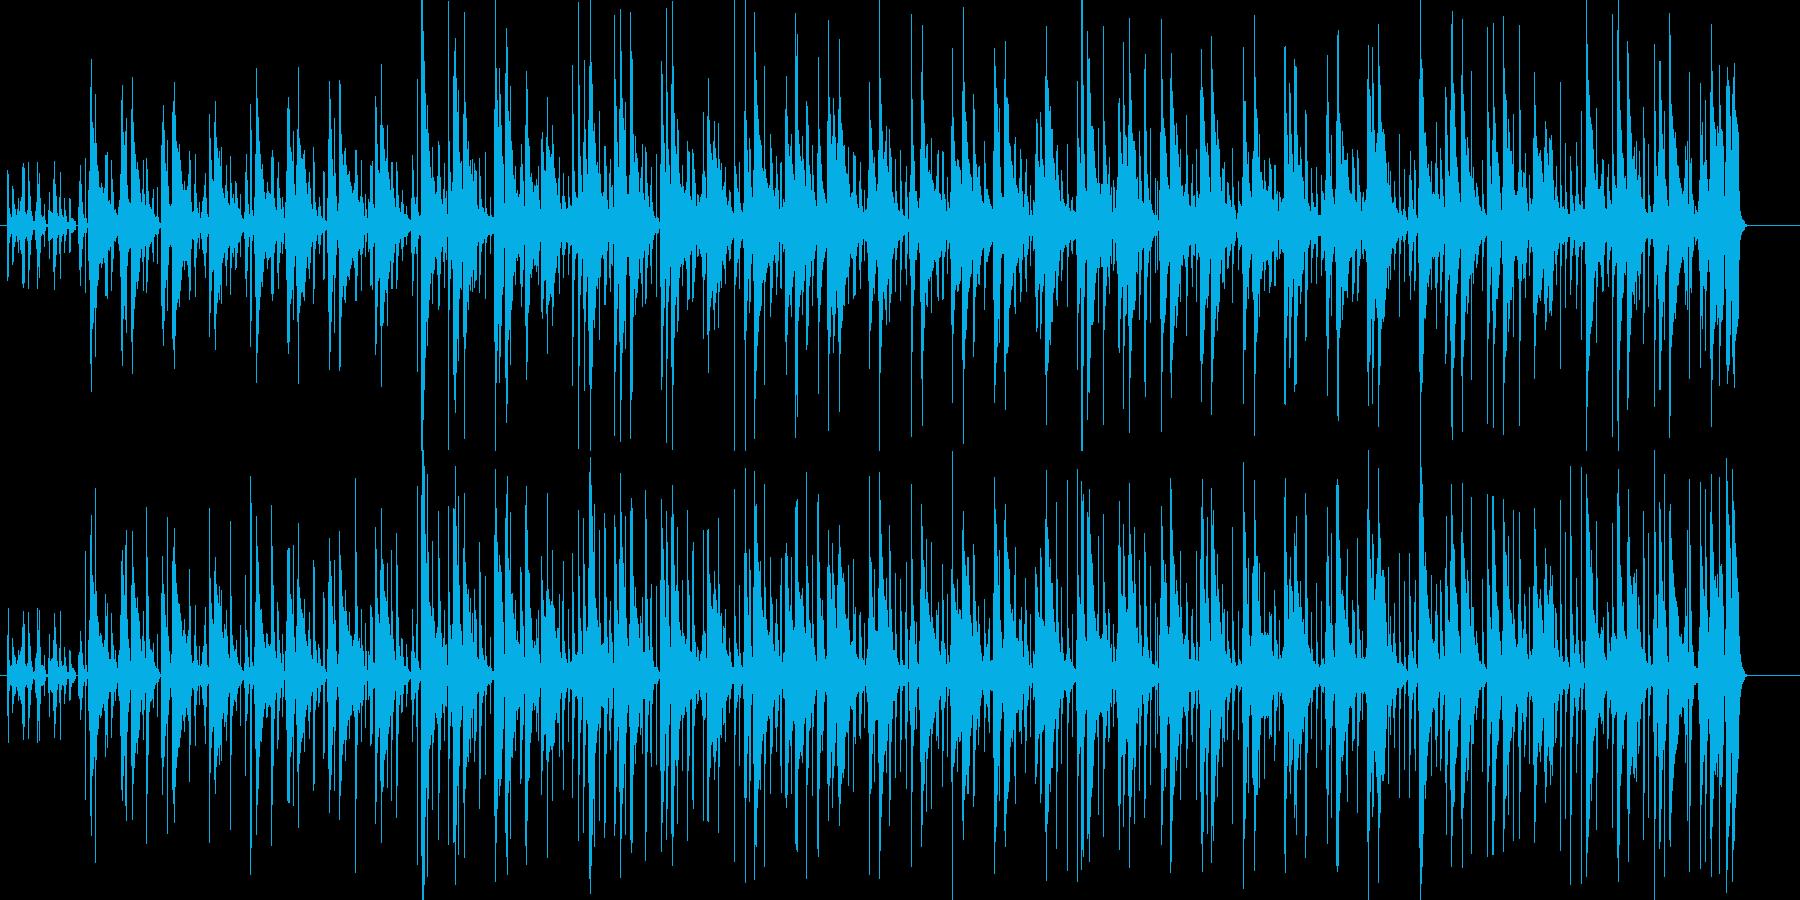 ウクレレが特徴的な南国リゾート風BGMの再生済みの波形